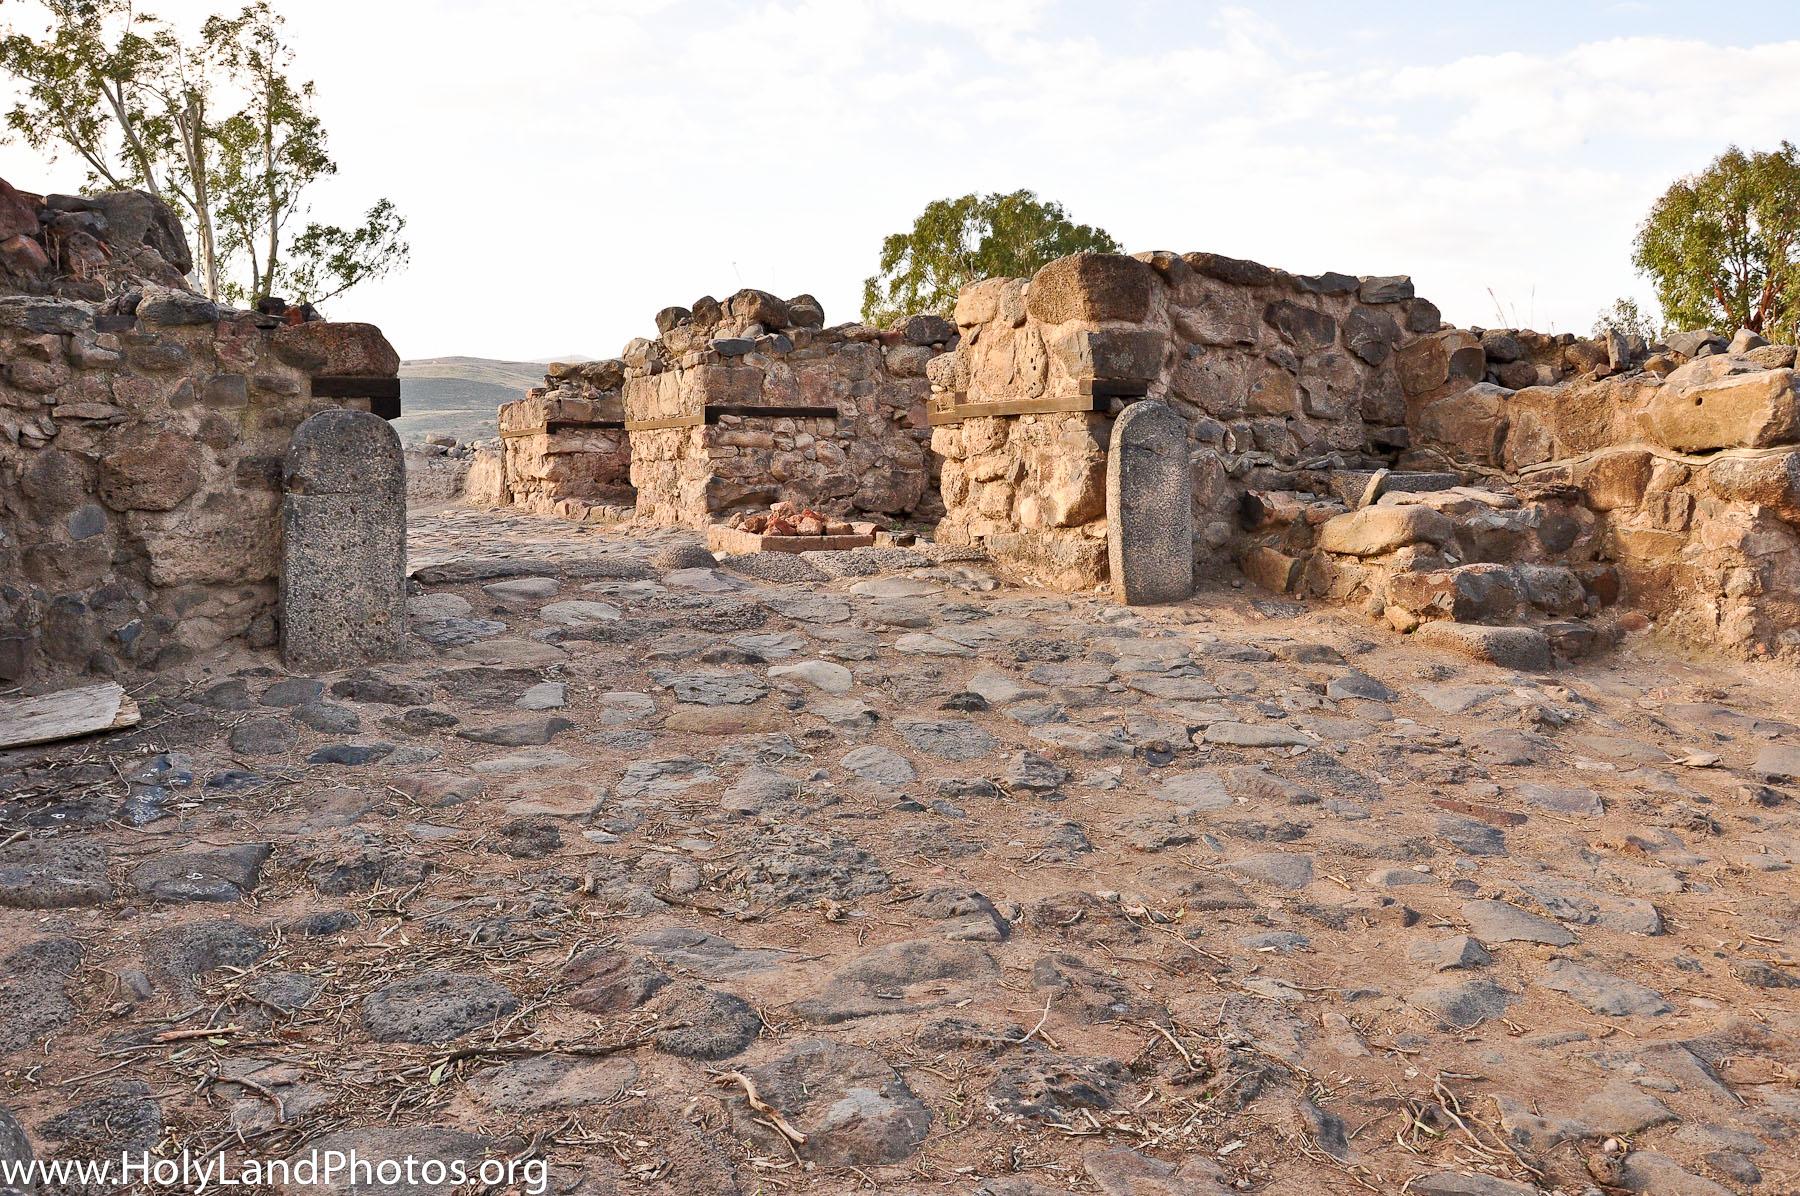 Cổng thành Bethsaida. Thành Bethsaida là nơi được đề cập đến trong Kinh Thánh. (Ảnh qua Holy Land Photos' Blog)